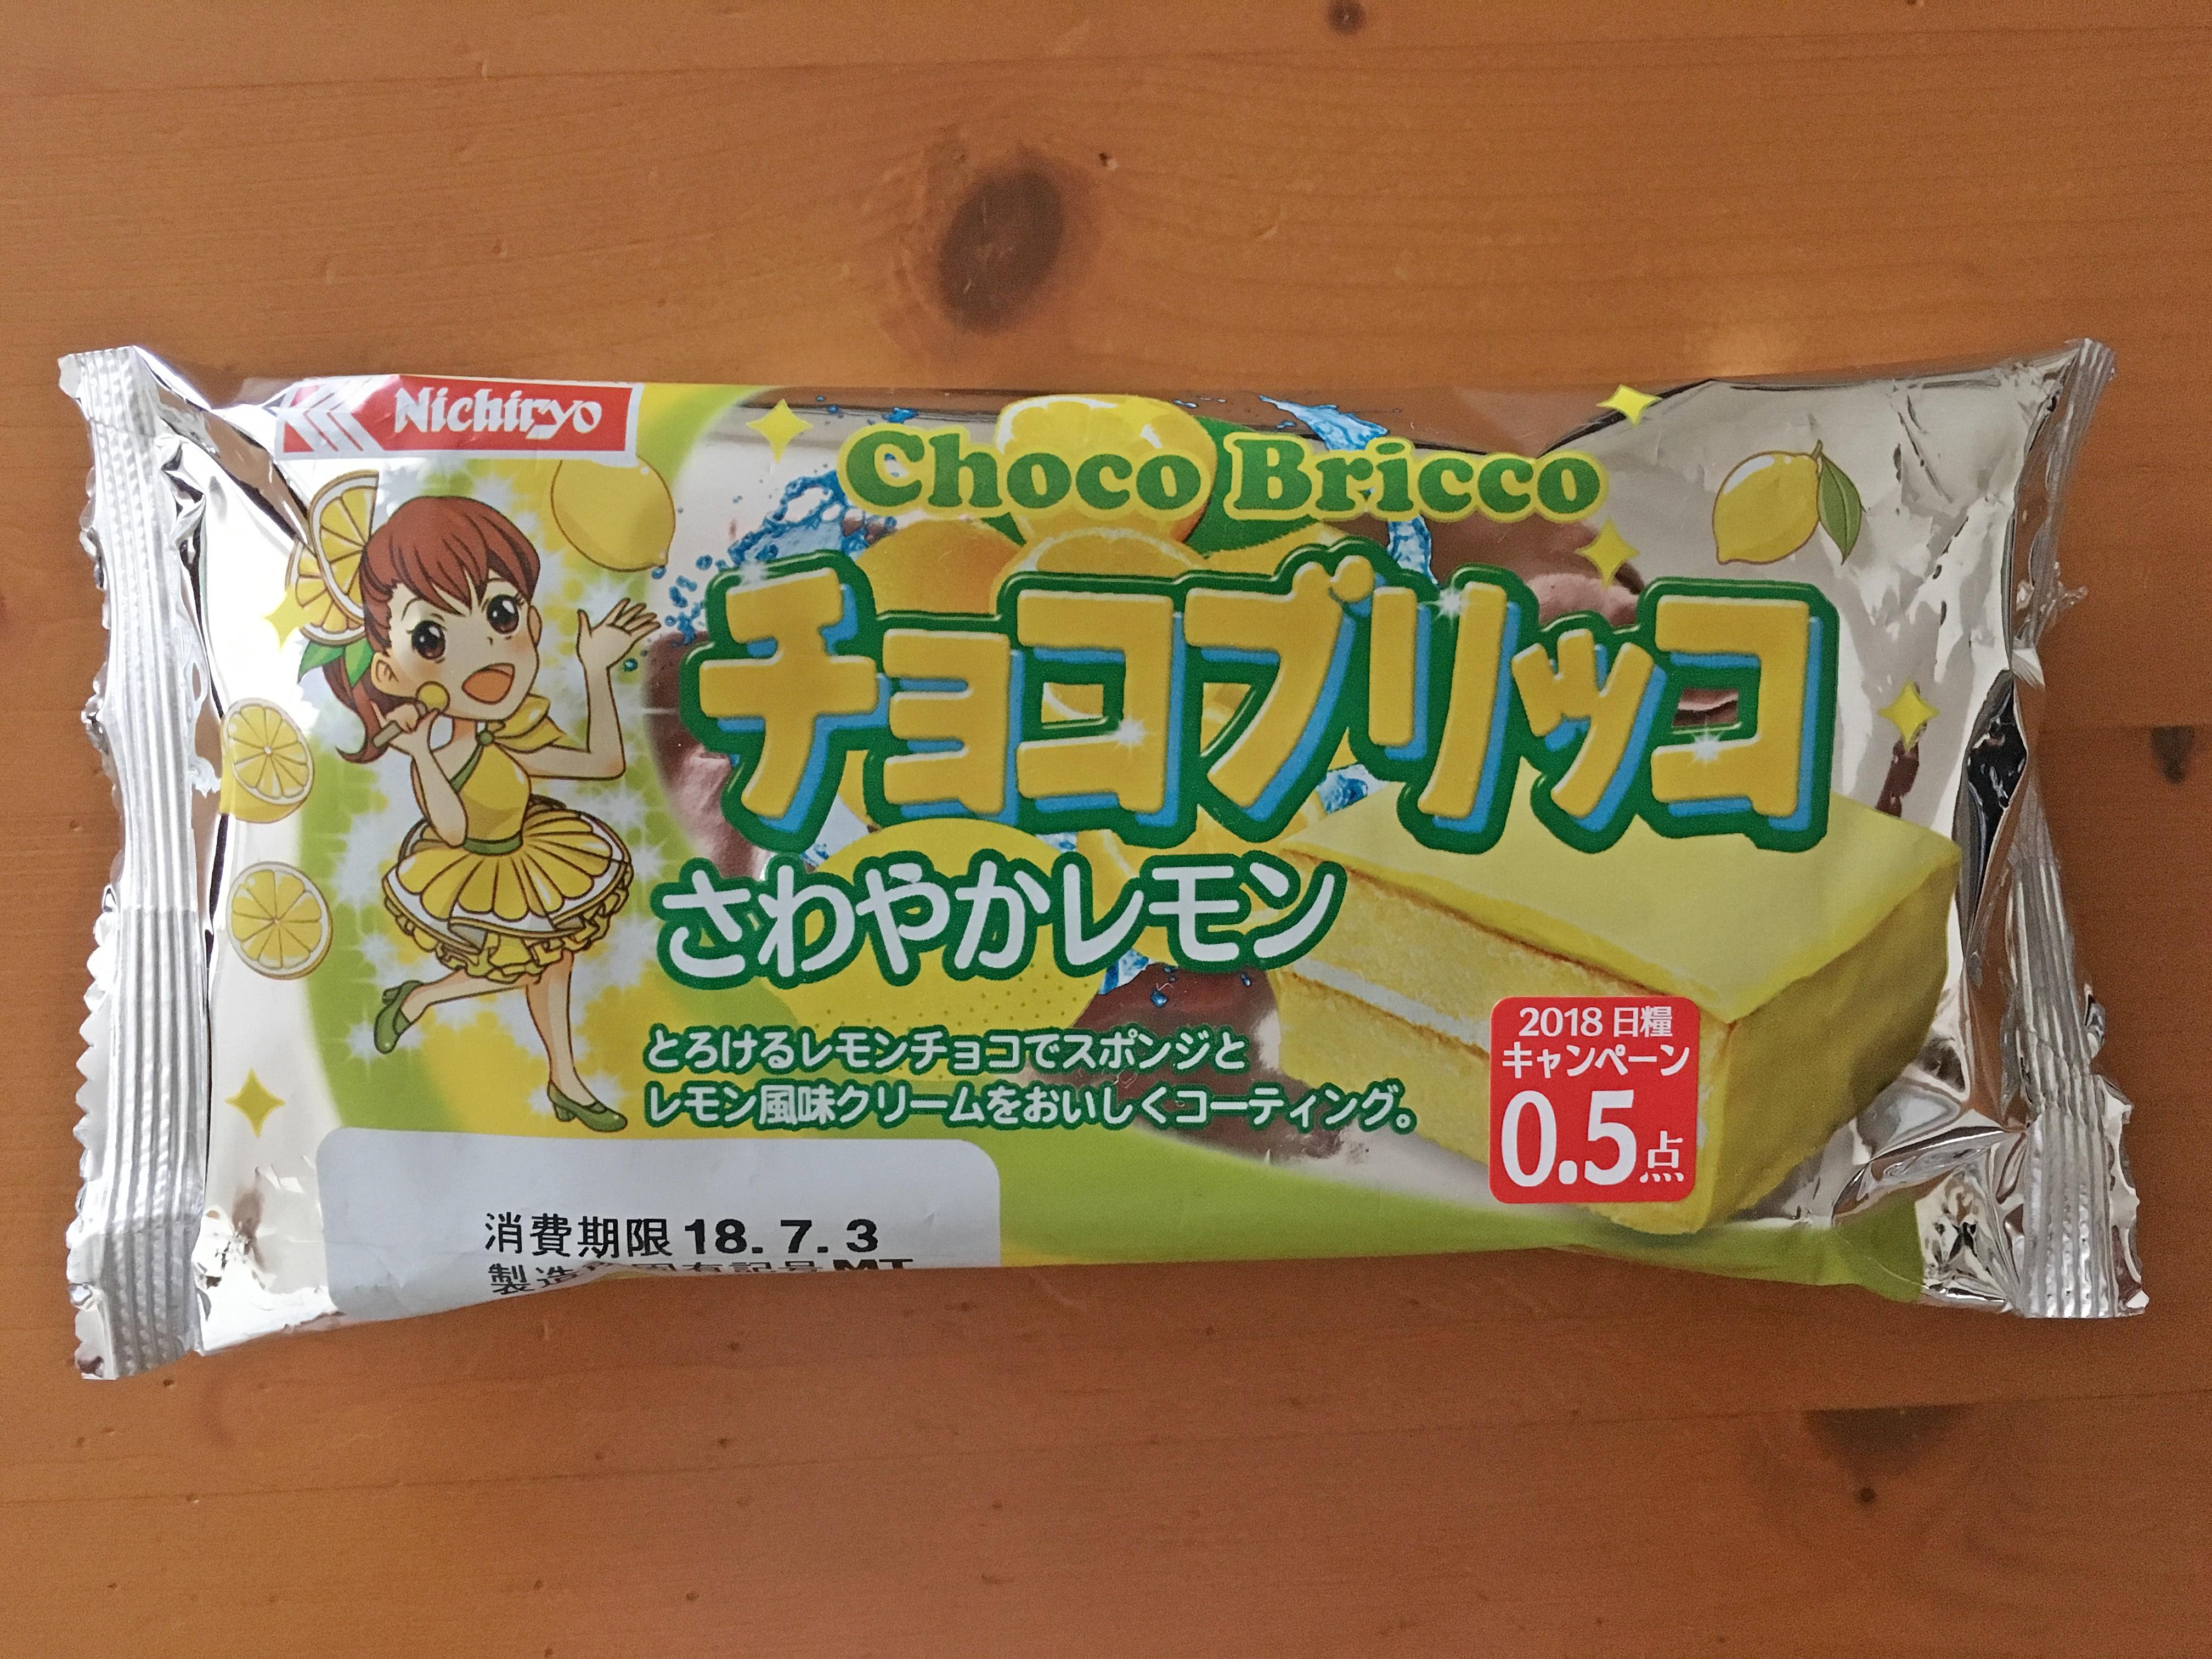 チョコブリッコ さわやかレモン パッケージ.JPG